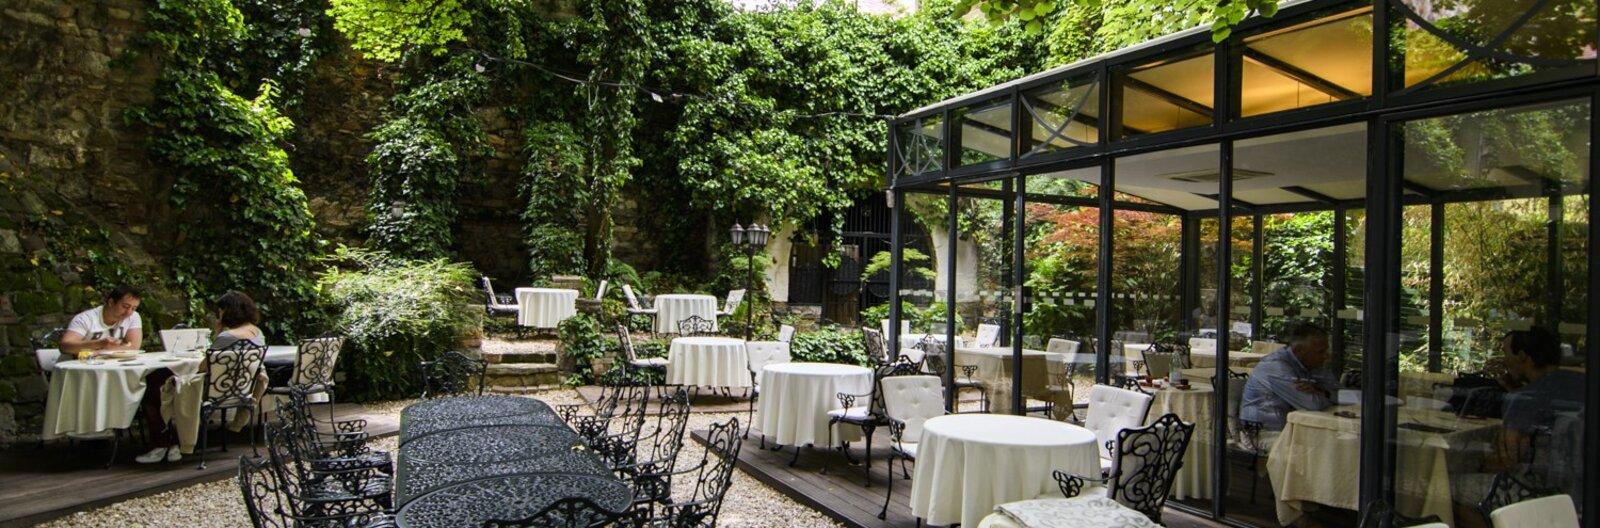 éttermi kertek és környéke